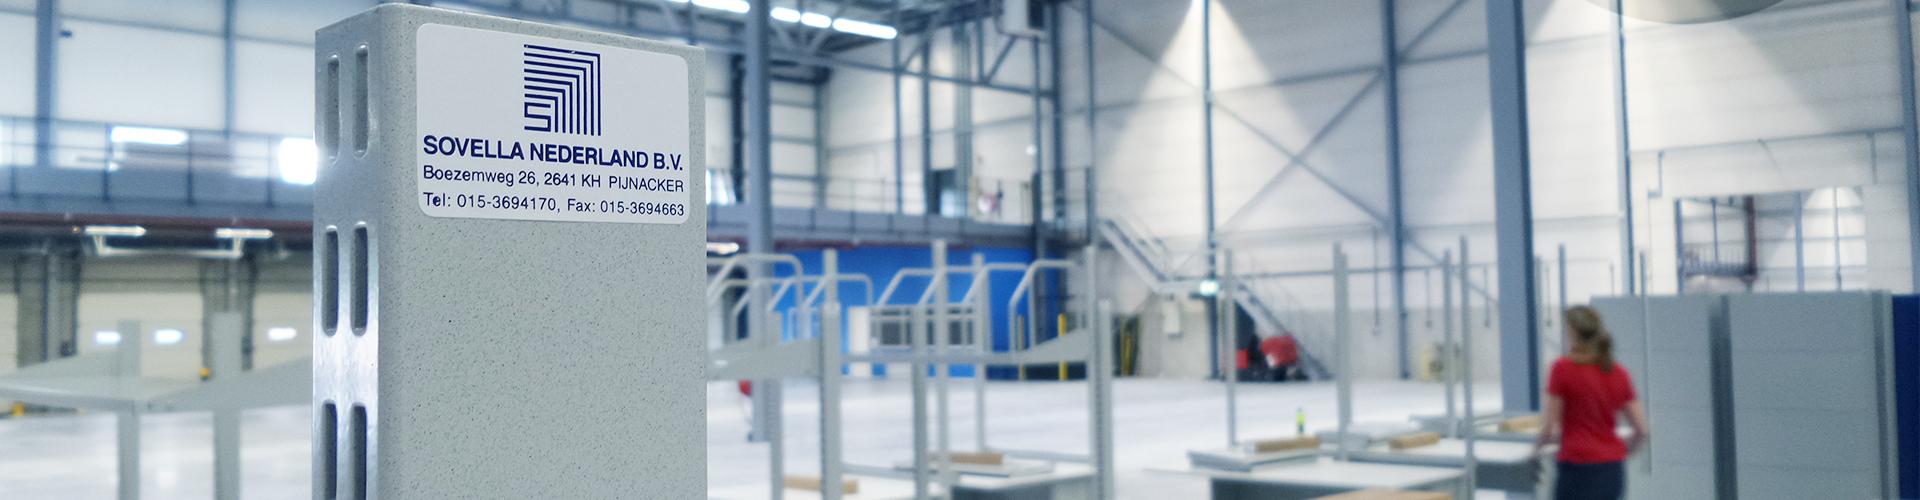 Sovella Nederland BV is specialist in het leveren en uitdenken van Treston inpaktafels voor logistiek en webshops.